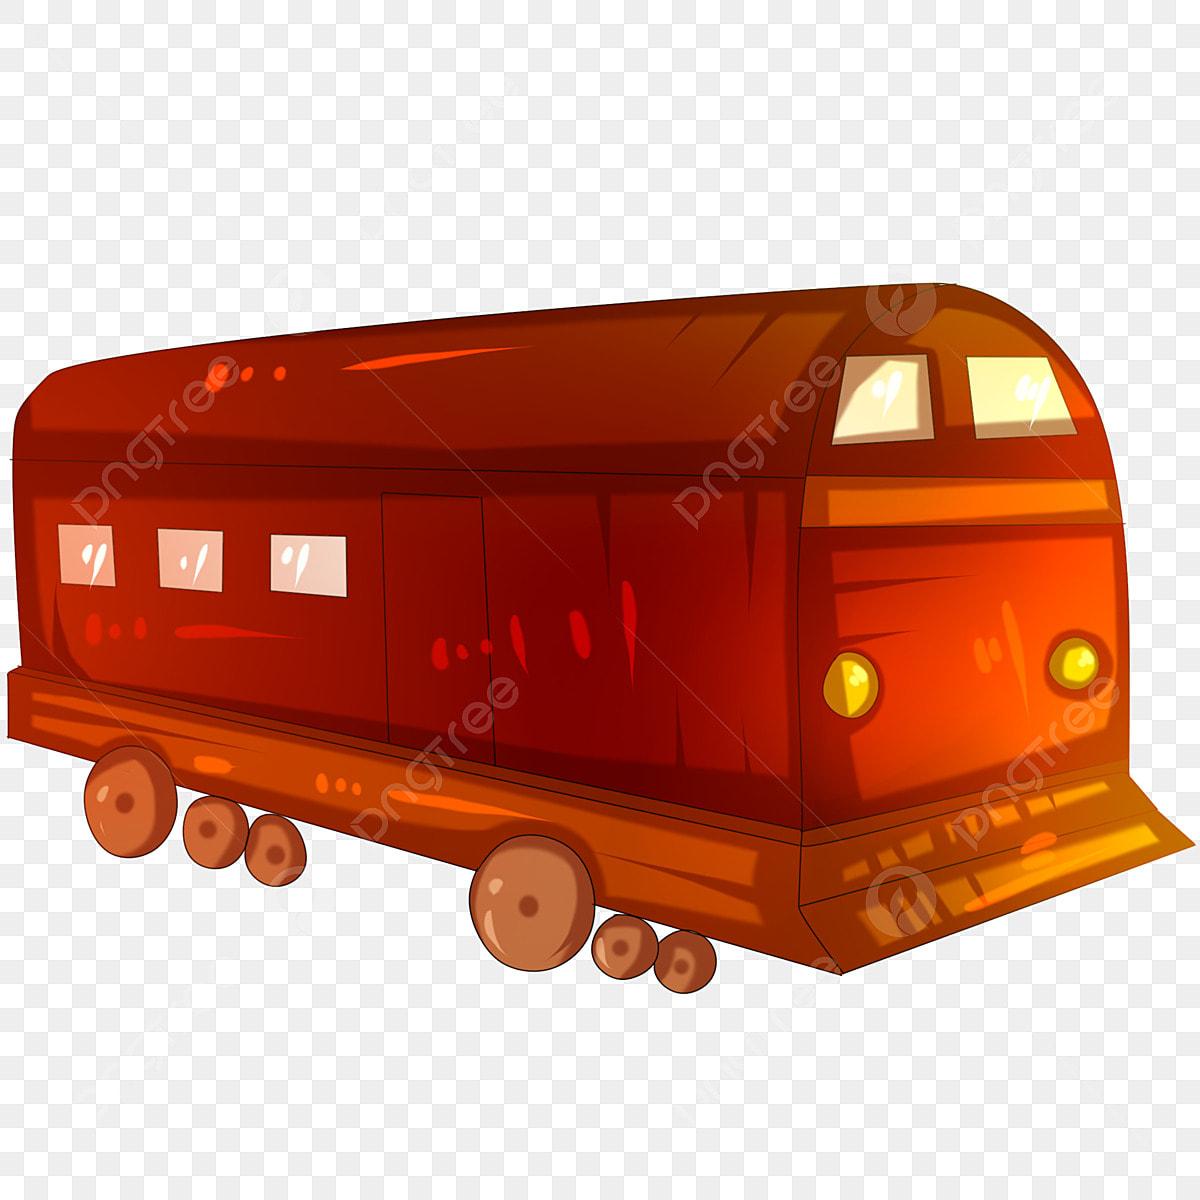 Gambar Kereta Api Kartun Berwarna Gambar Kereta Api Kartun Ilustrasi Kereta Api Merah Coklat Trek Kereta Api Transit Kereta Api Kenderaan Kereta Api Kartun Berwarna Png Dan Psd Untuk Muat Turun Percuma